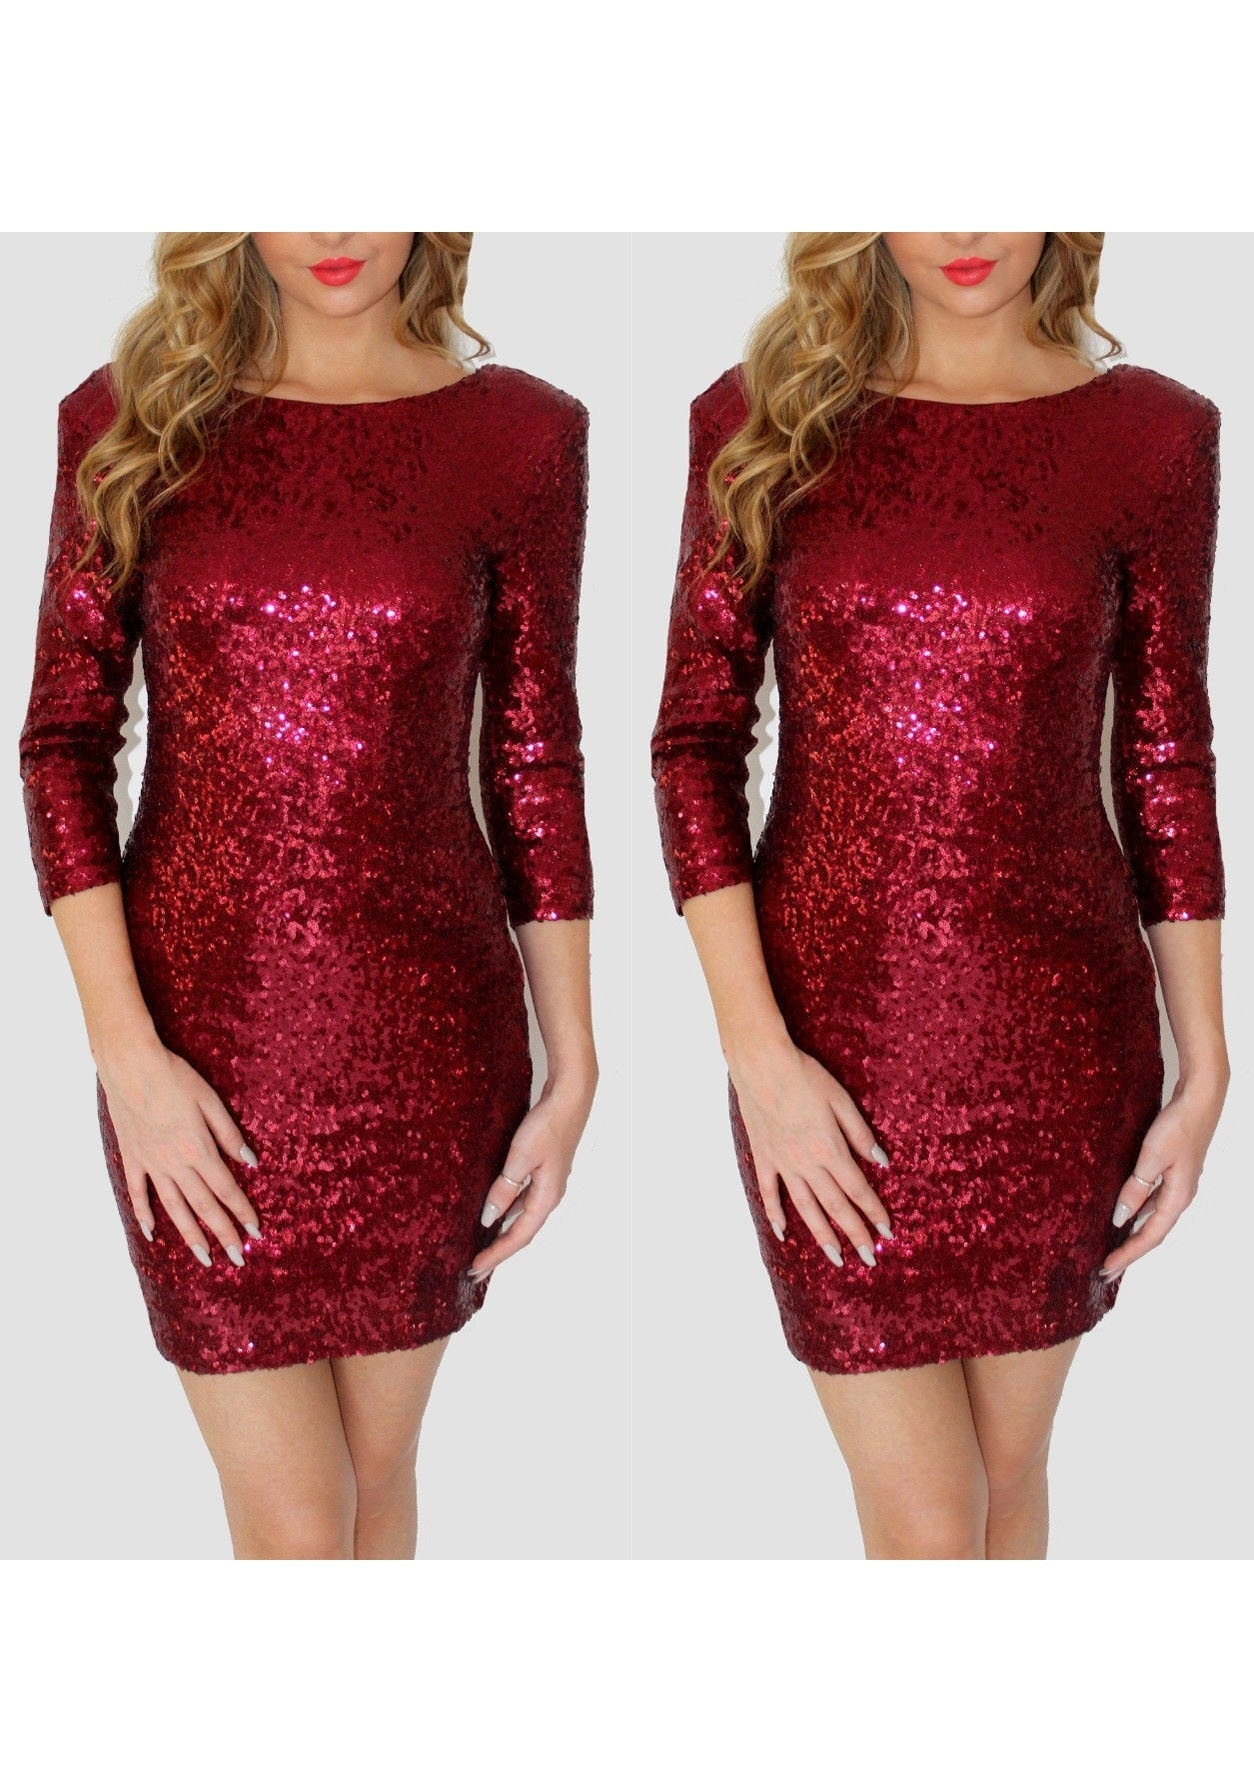 17 Genial Rotes Kleid Mit Glitzer Galerie13 Schön Rotes Kleid Mit Glitzer Spezialgebiet